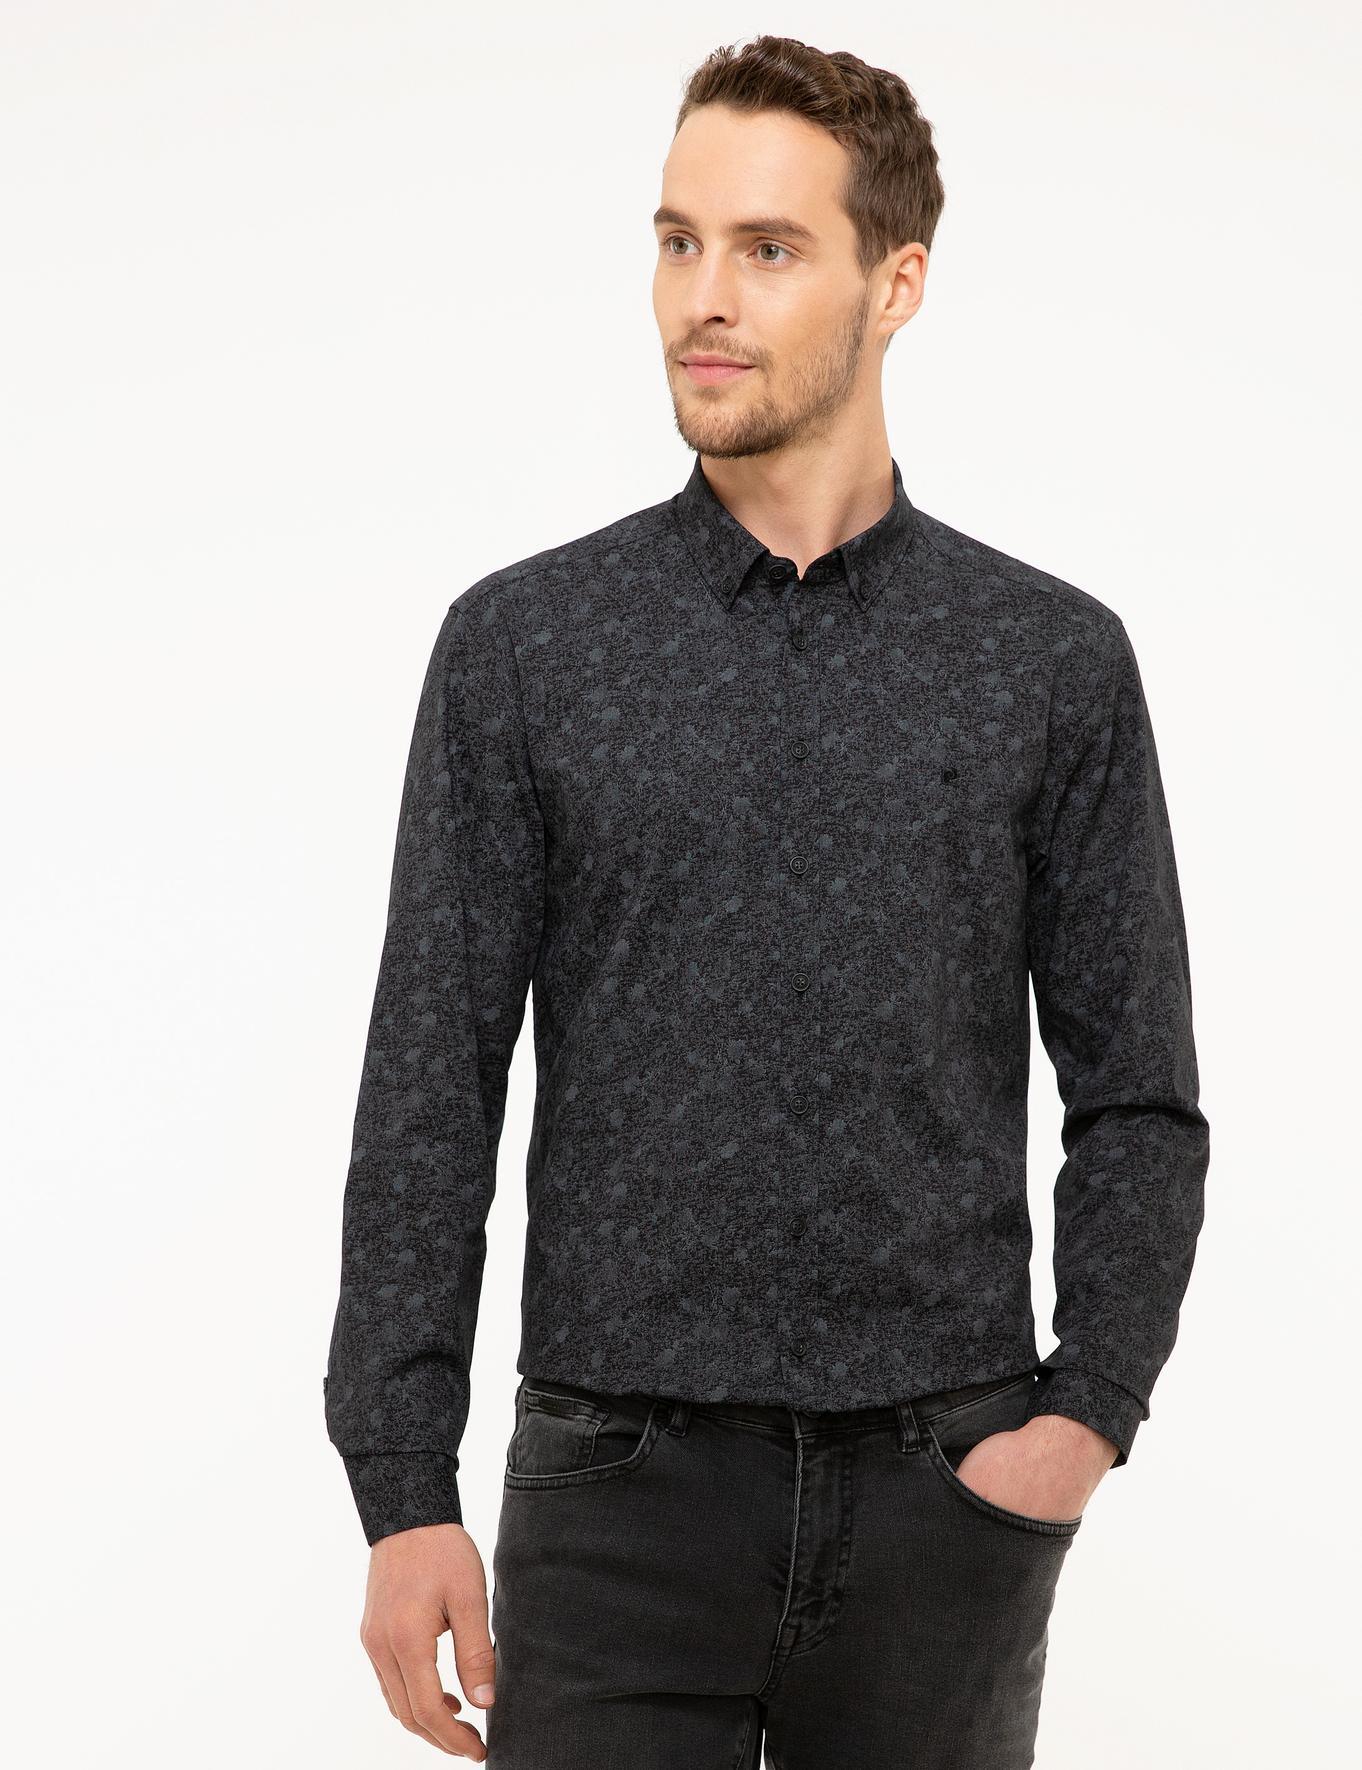 Gri Detaylı Koyu Lacivert Slim Fit Gömlek